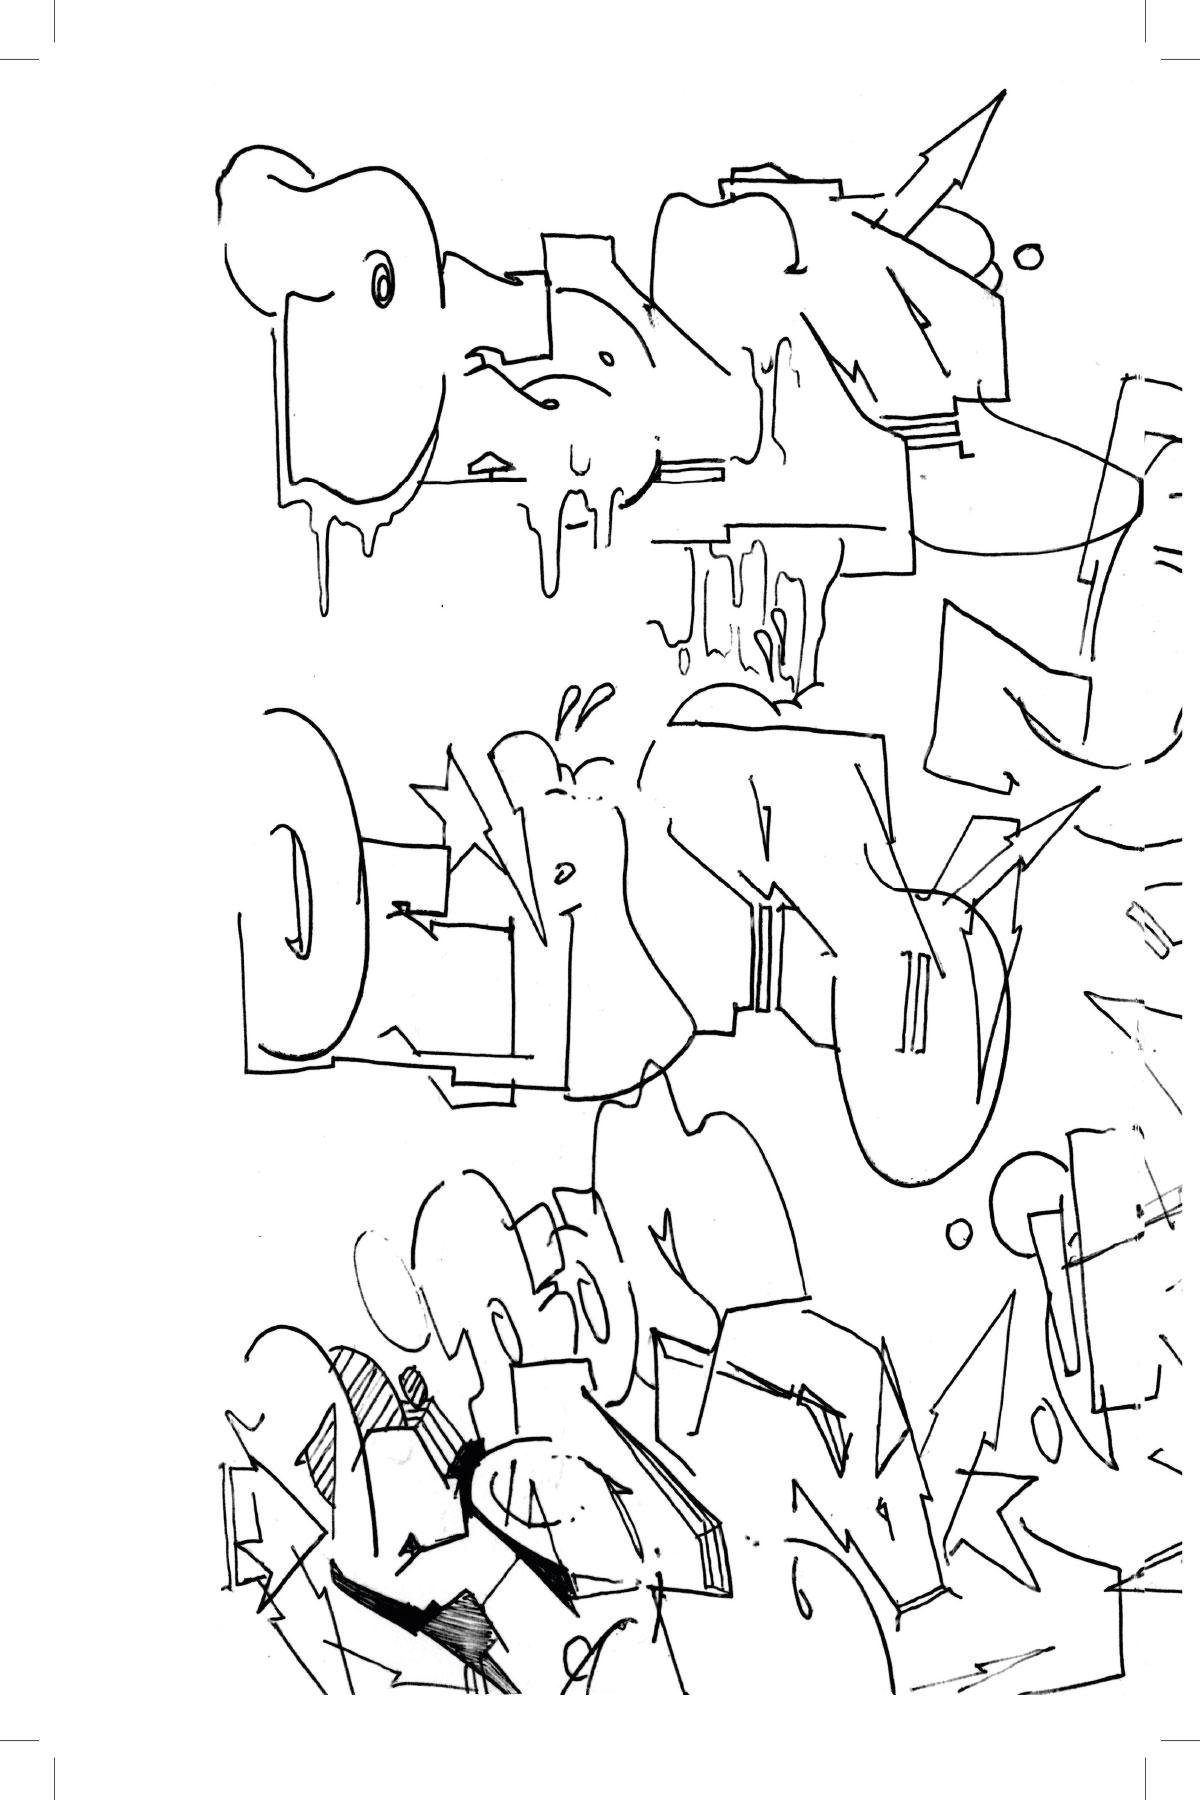 DEAM - STYLE DIARY di Walter Molli